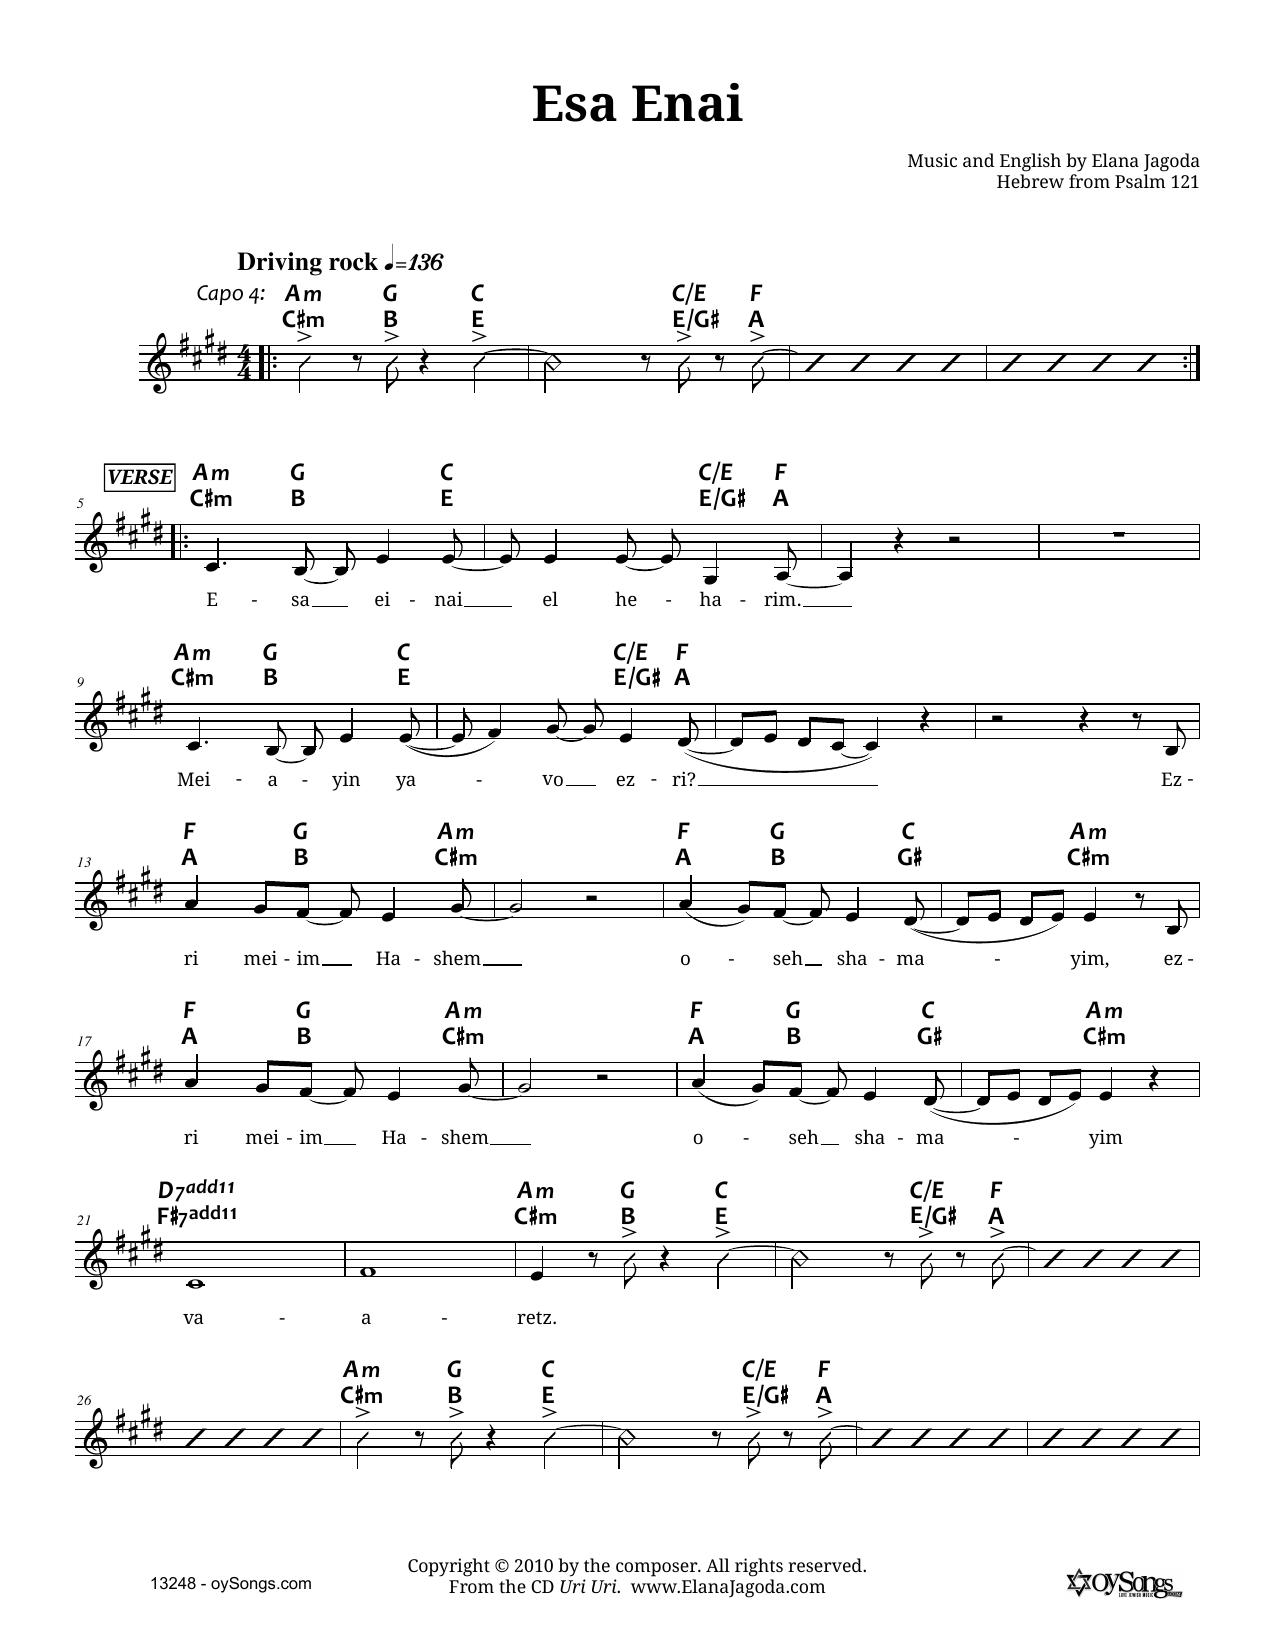 Esa Enai Sheet Music